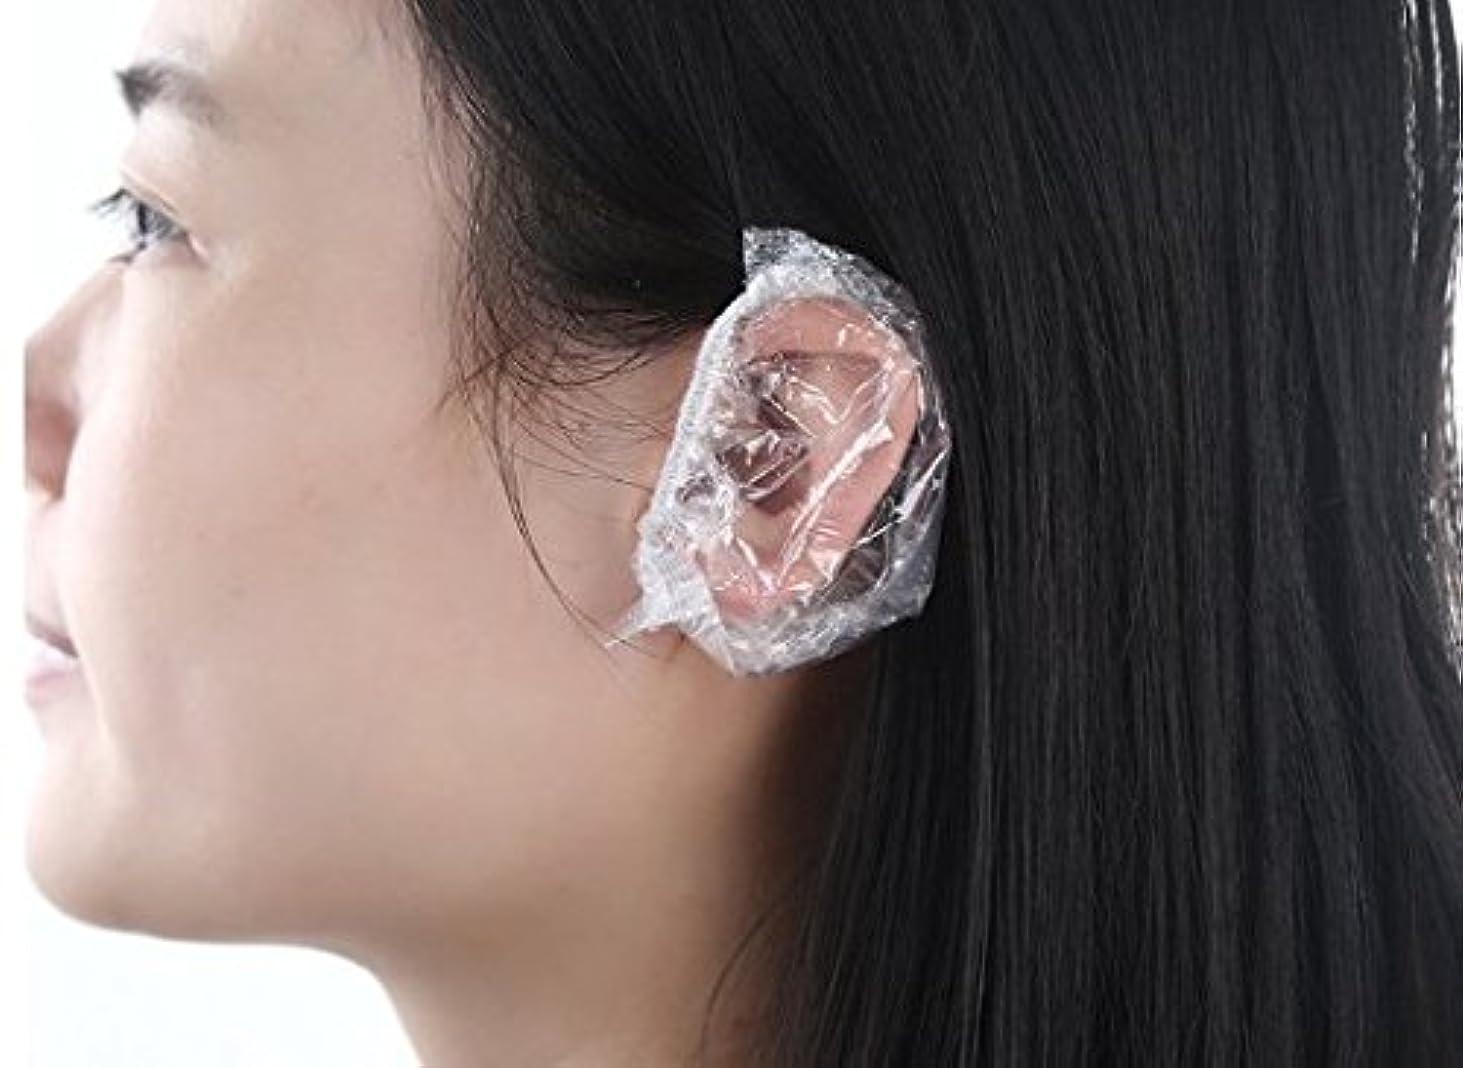 つかいます病院差別(all lead )毛染め用 シャワーキャップ 髪染め 耳キャップ 耳カバー イヤーキャップ 使い捨て(100枚)